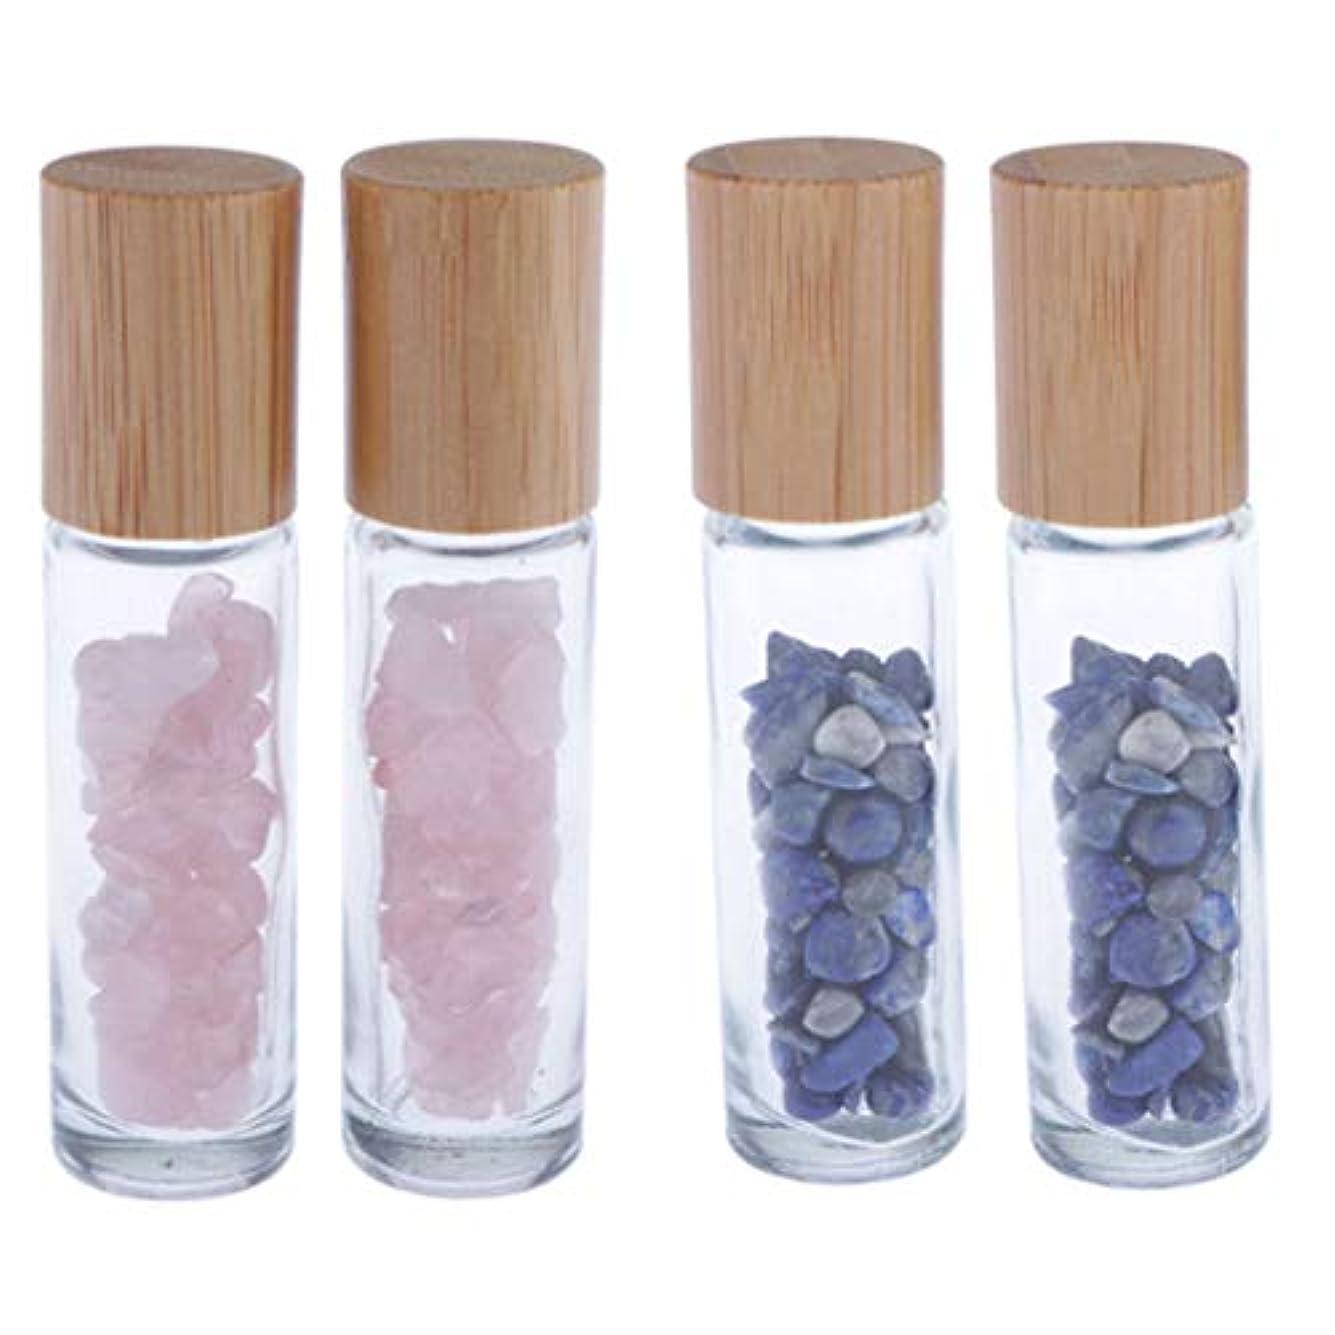 掻くなぜ水っぽい香水瓶 ガラス ローラーボールボトル エッセンシャルオイルボトル 香水瓶 4個入り